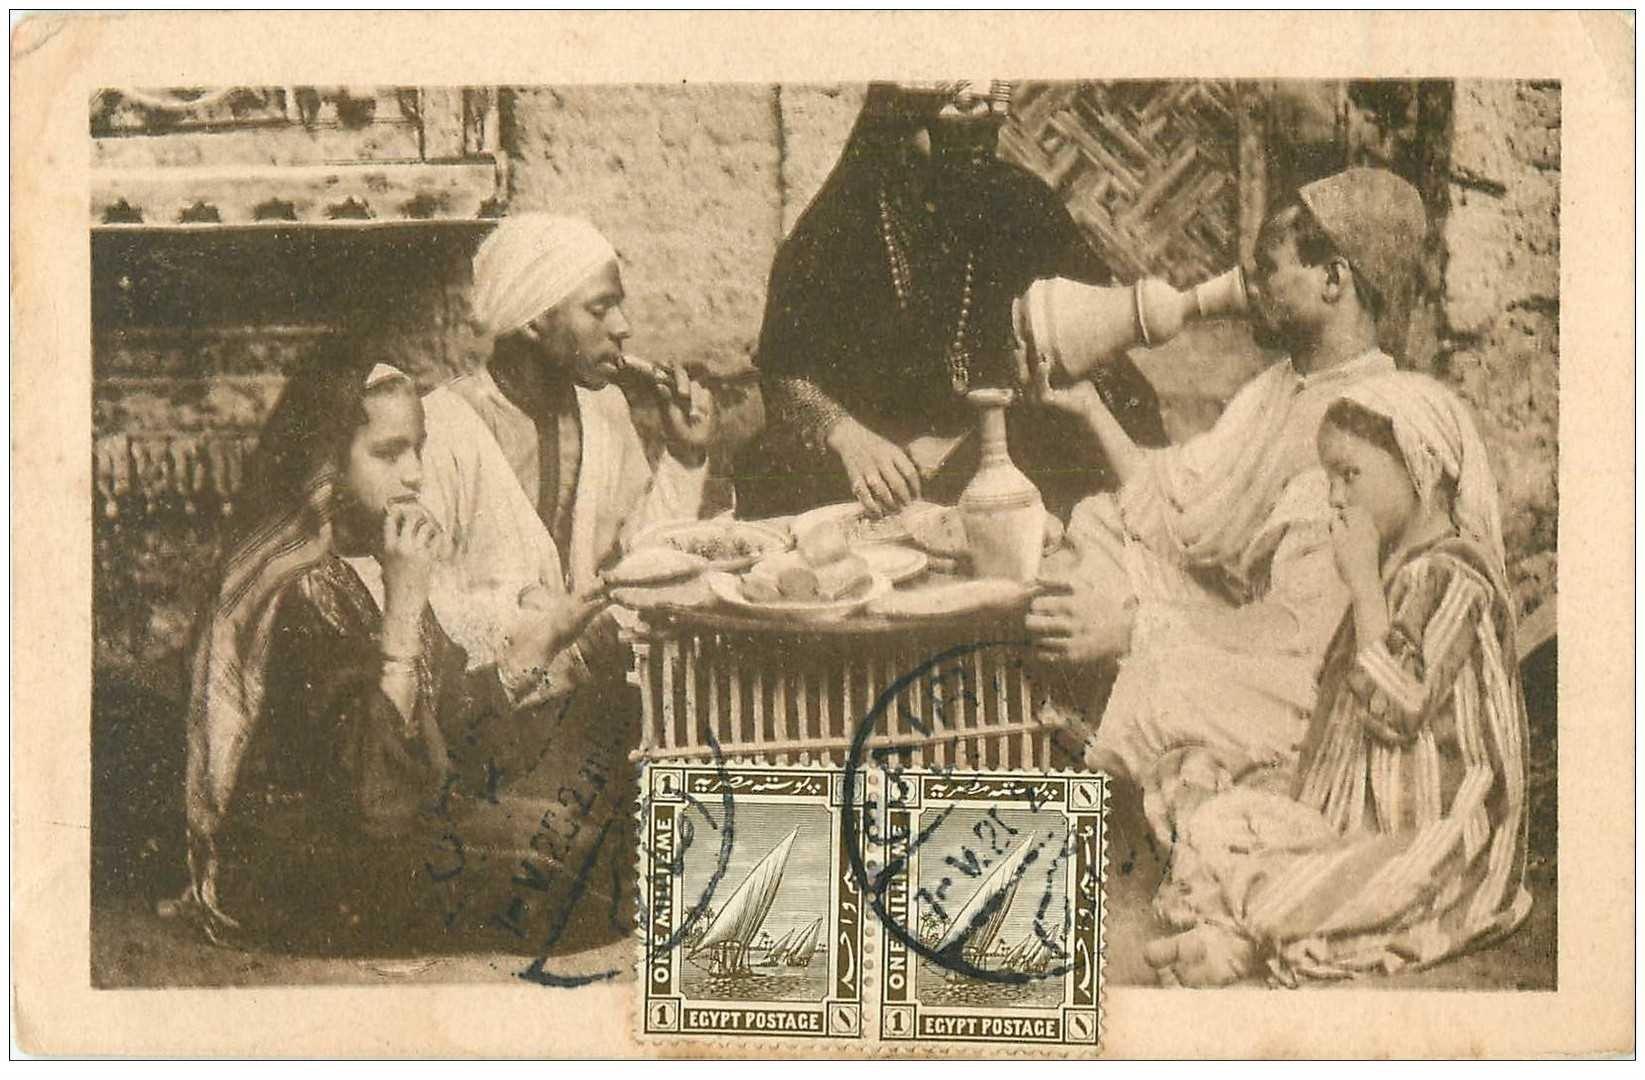 carte postale ancienne EGYPTE. Dîner en Famille 1923 tampon Héliopolis au verso